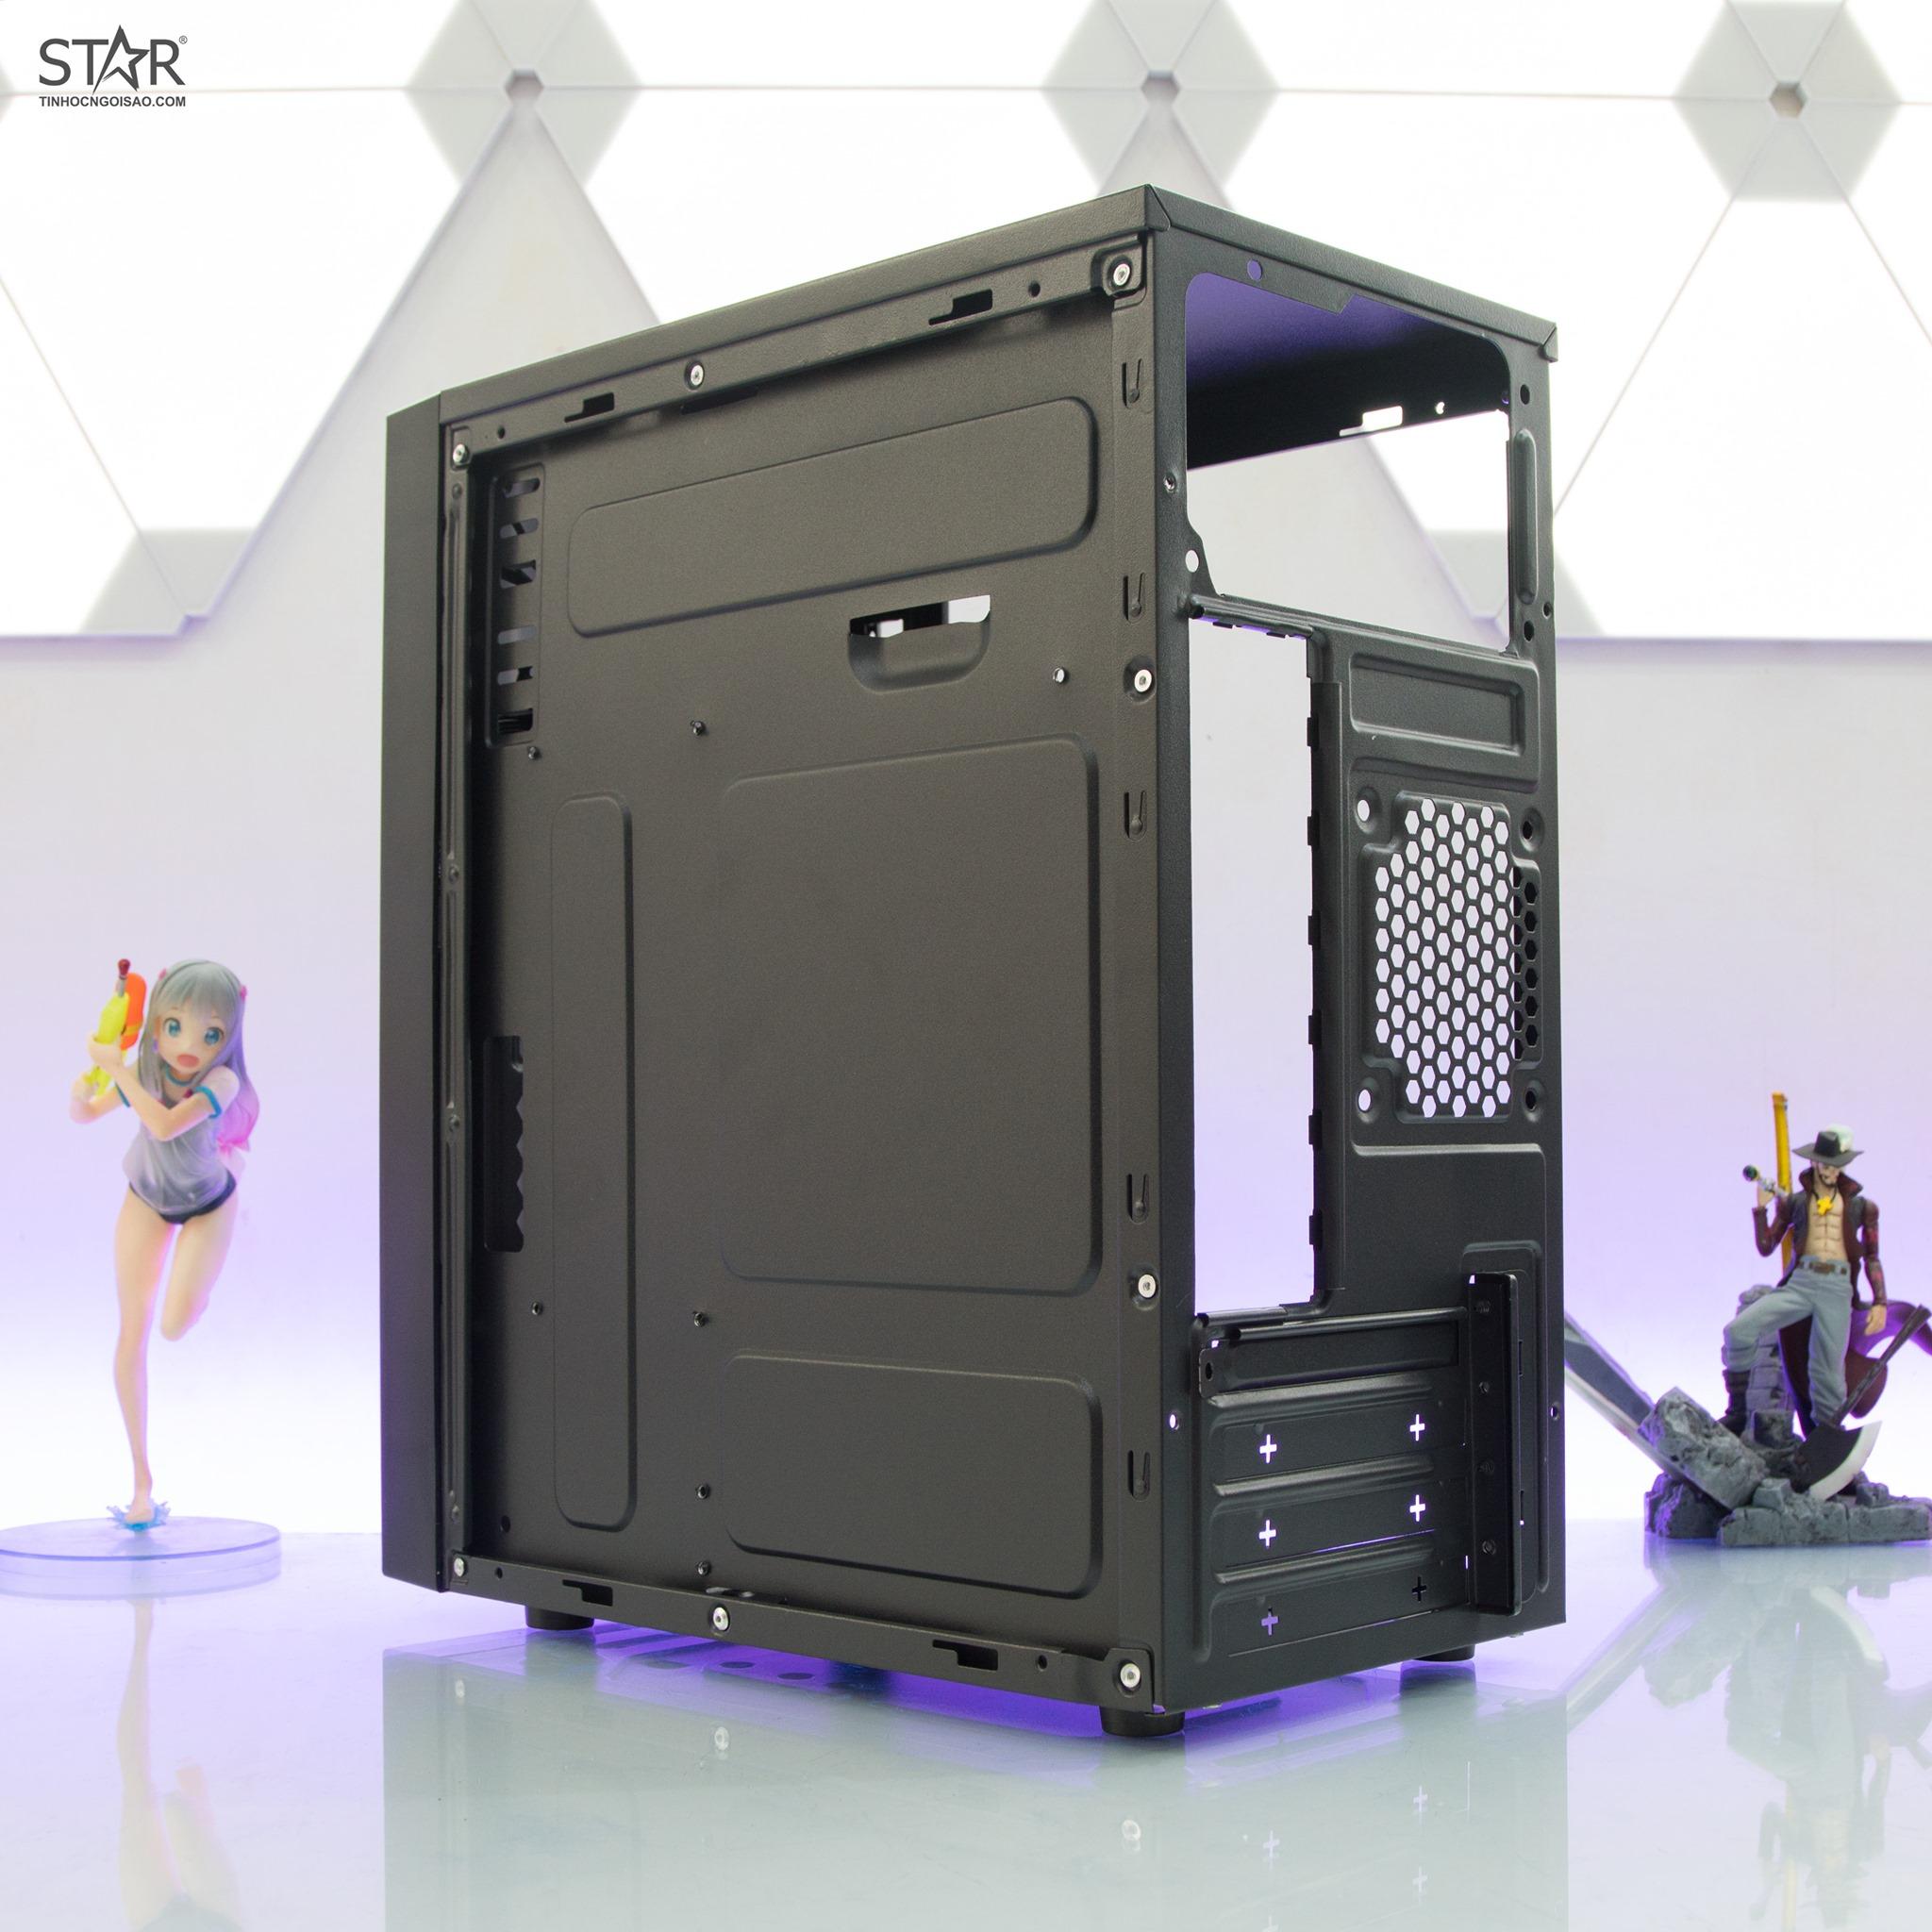 Thùng Máy Tính Case VSP V206 Tích hợp LED RGB Hỗ trợ USB3.0 - Hàng nhập khẩu